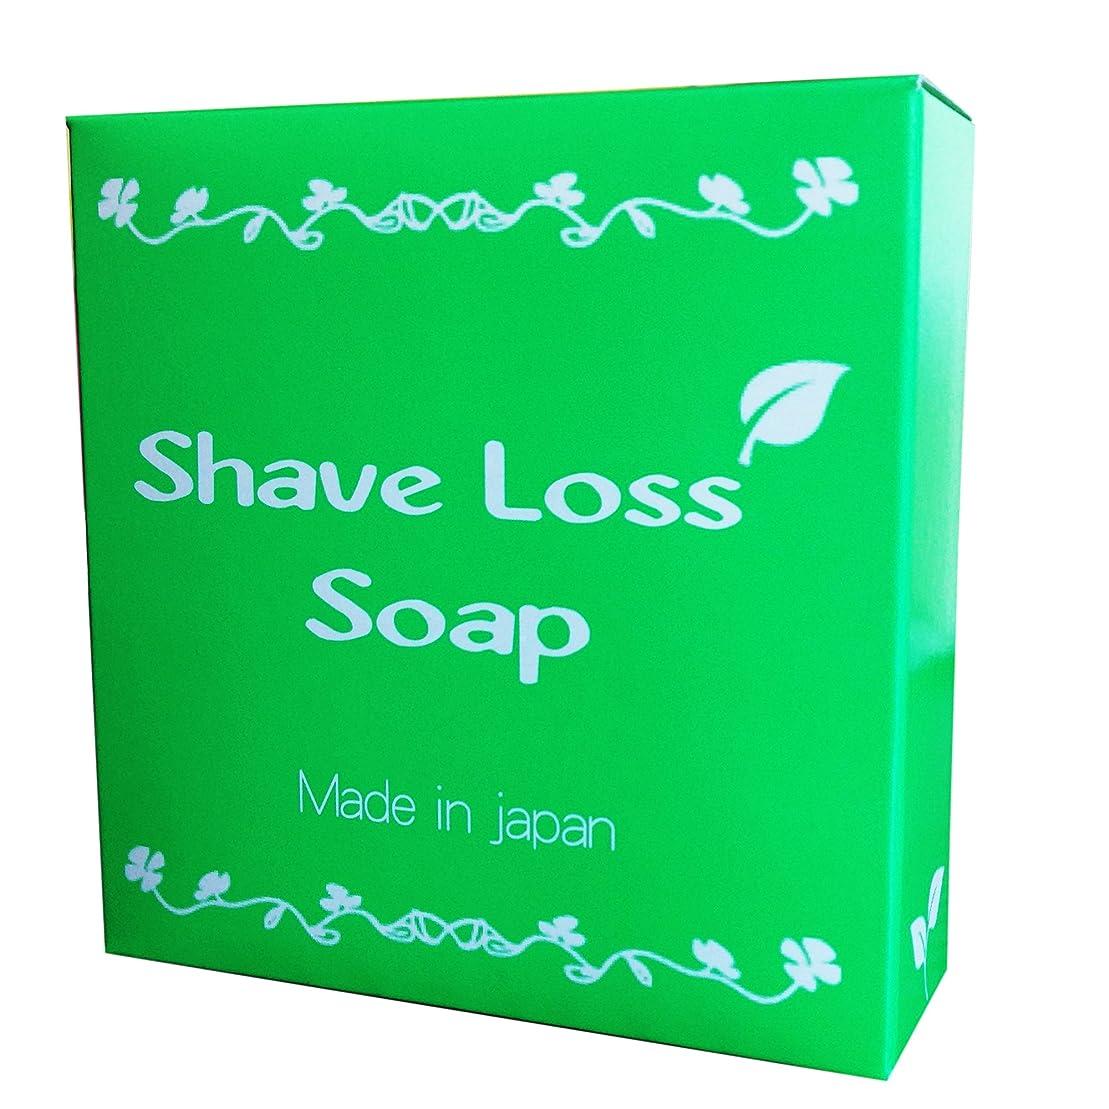 社説木曜日弱点Shave Loss Soap 女性のツルツルを叶える 奇跡の石鹸 80g (1個)